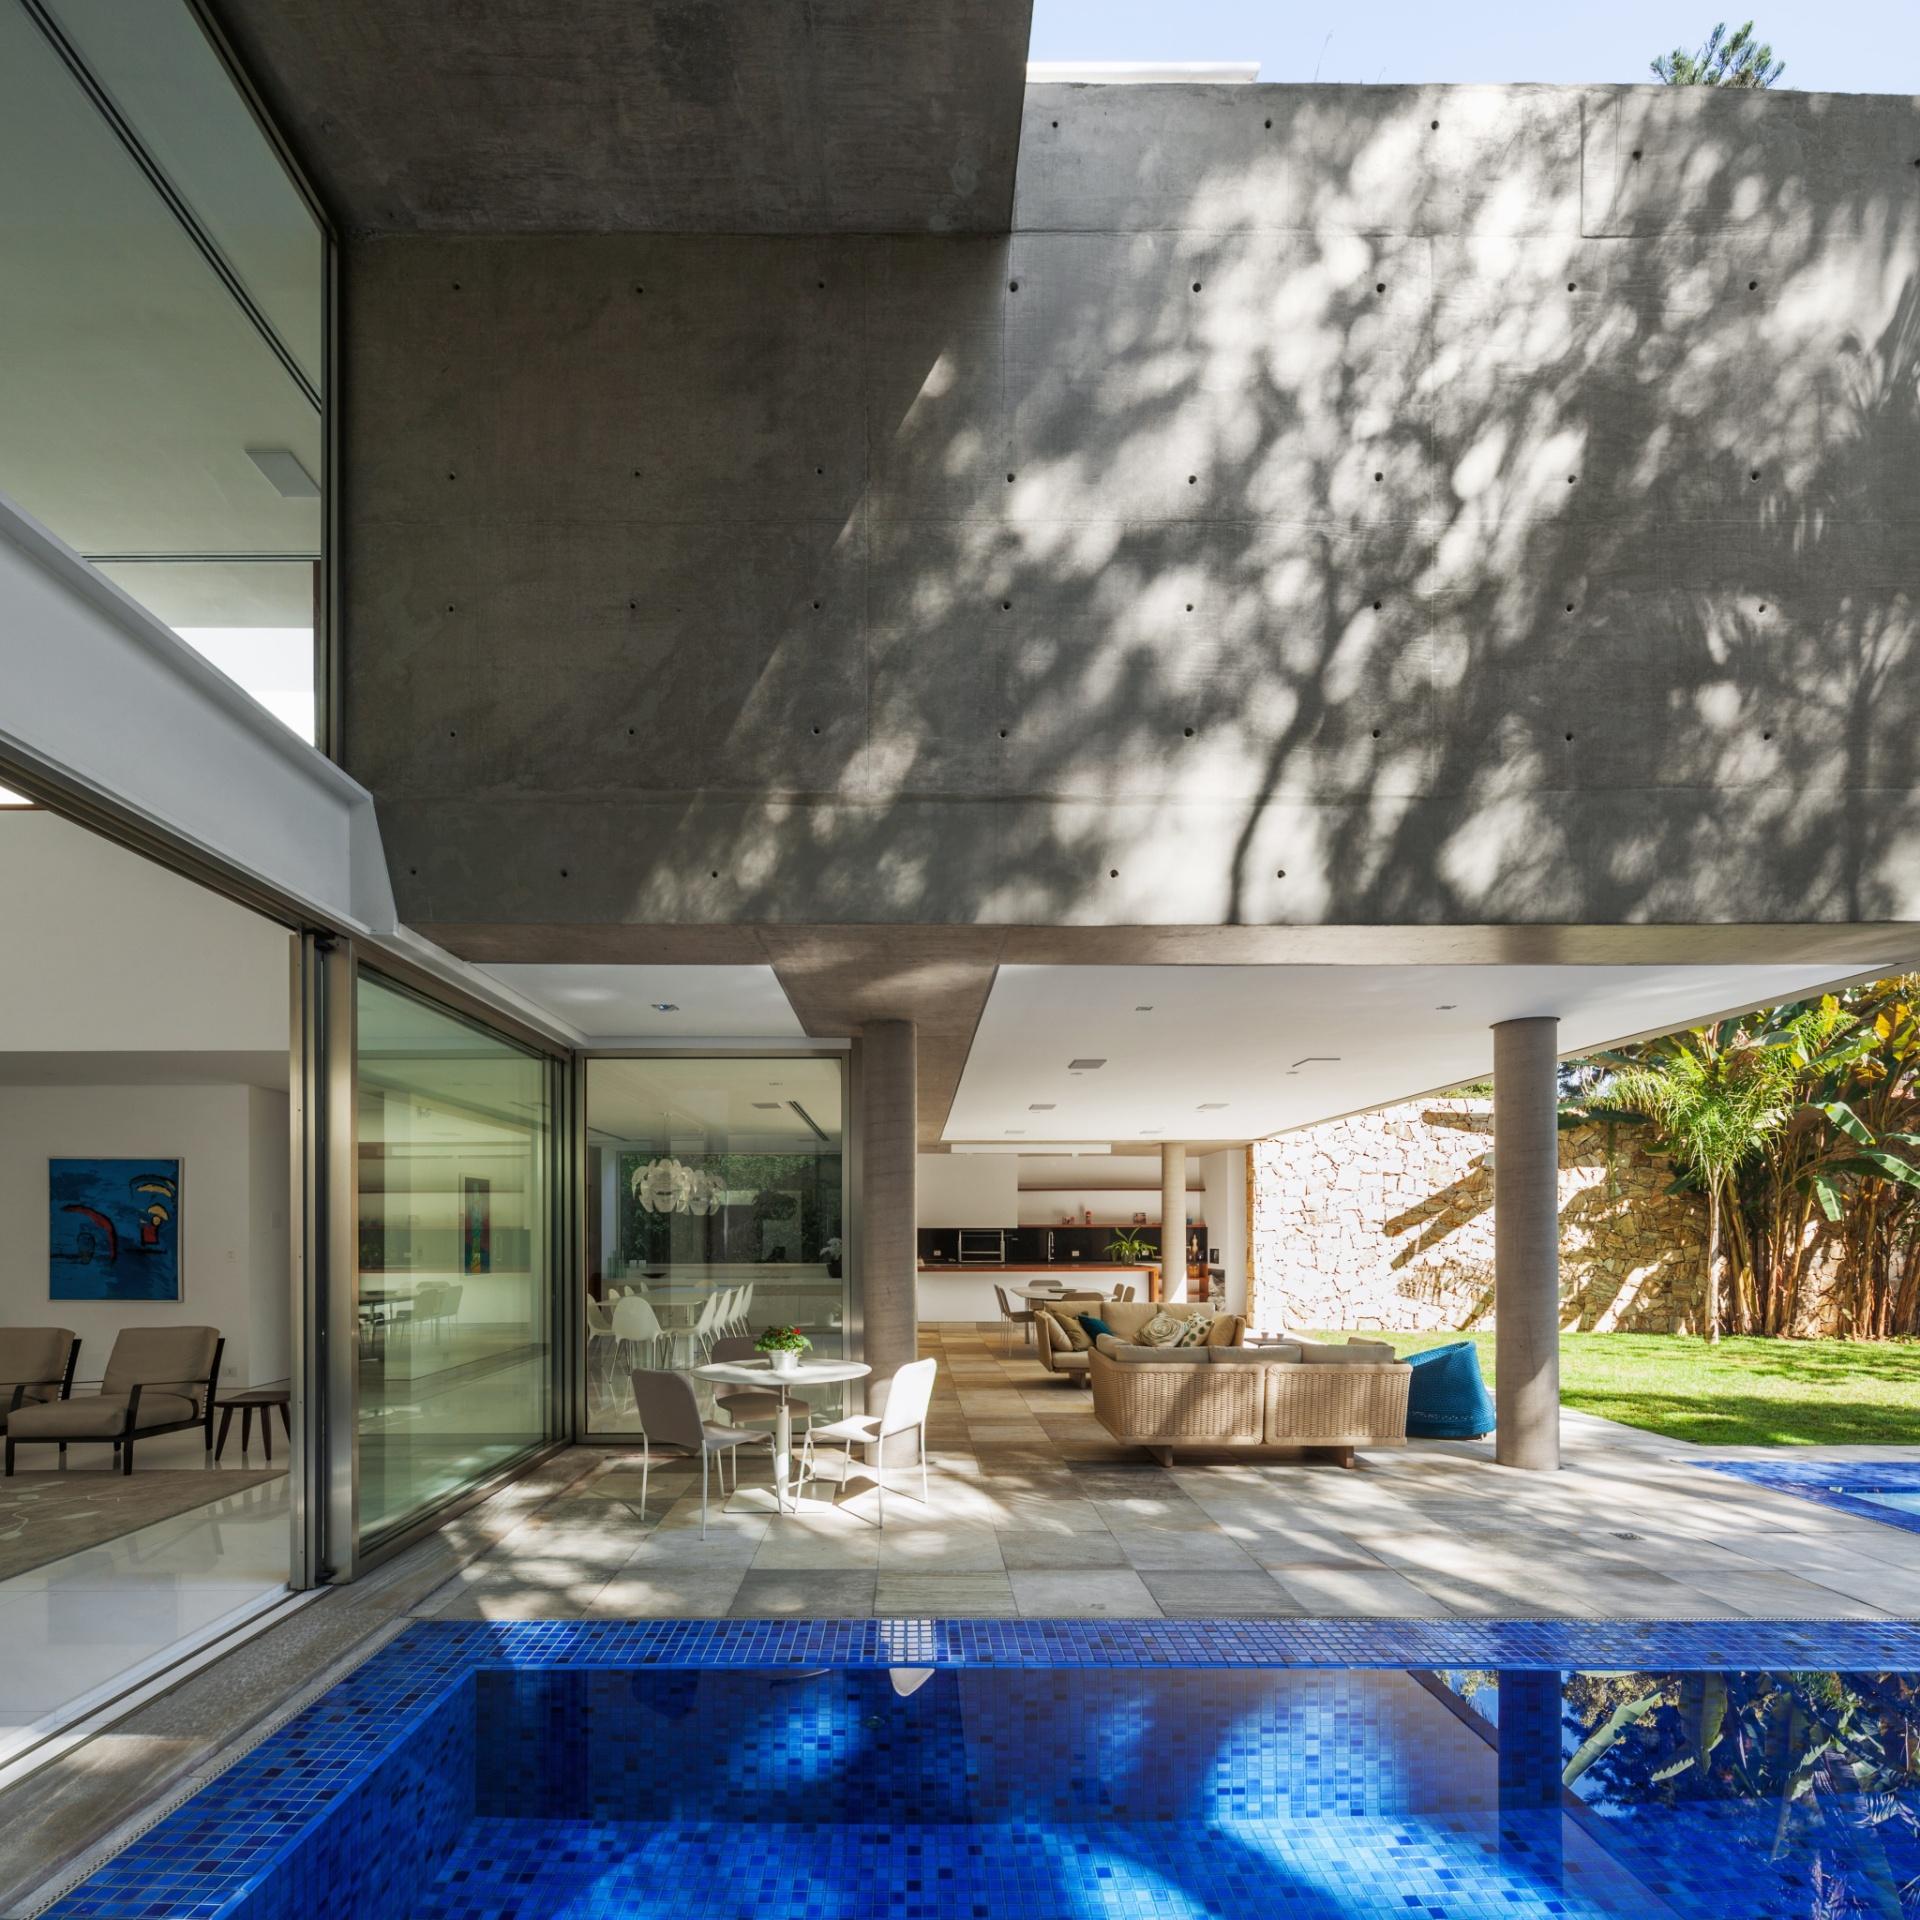 Deste ângulo, nota-se a integração da piscina com o estar e a marquise que a sombreia e protege o interior em dias de chuva. Veja que o vão da varanda é garantido por colunas esbeltas de concreto, no projeto assinado pelo escritório Reinach Mendonça Arquitetos Associados